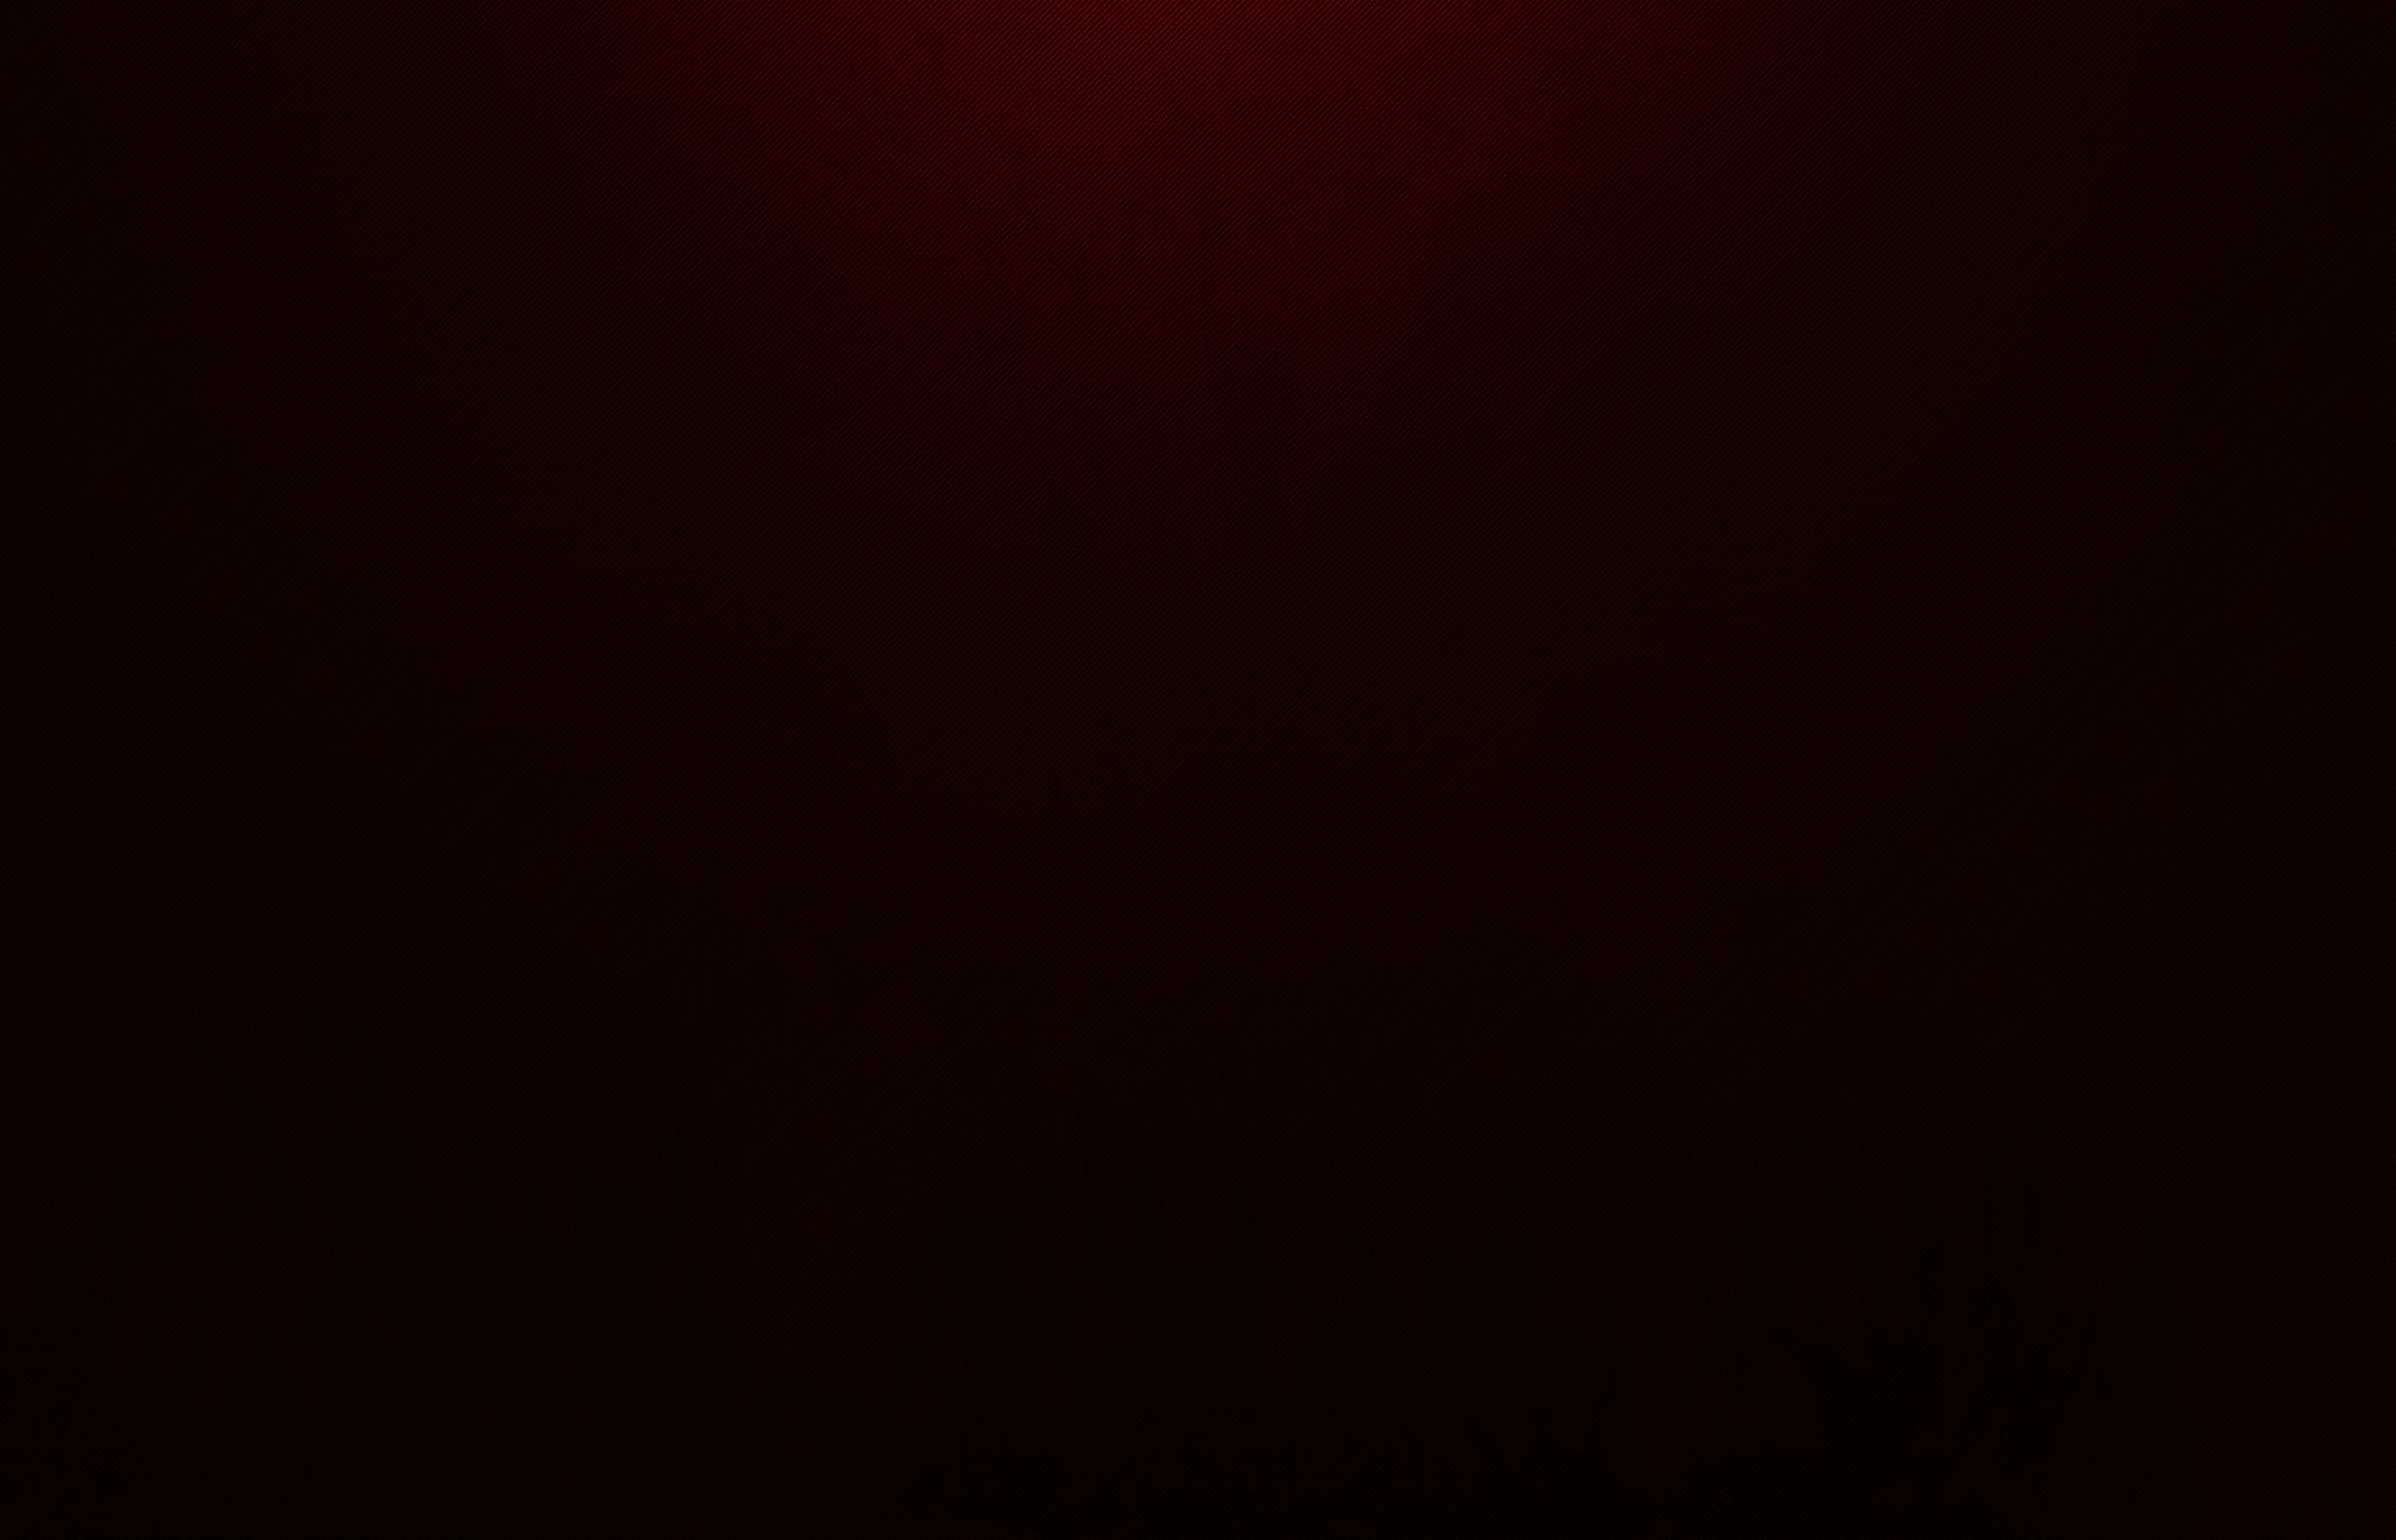 Best Dark Color Dark Red Wallpapers Wallpapersafari